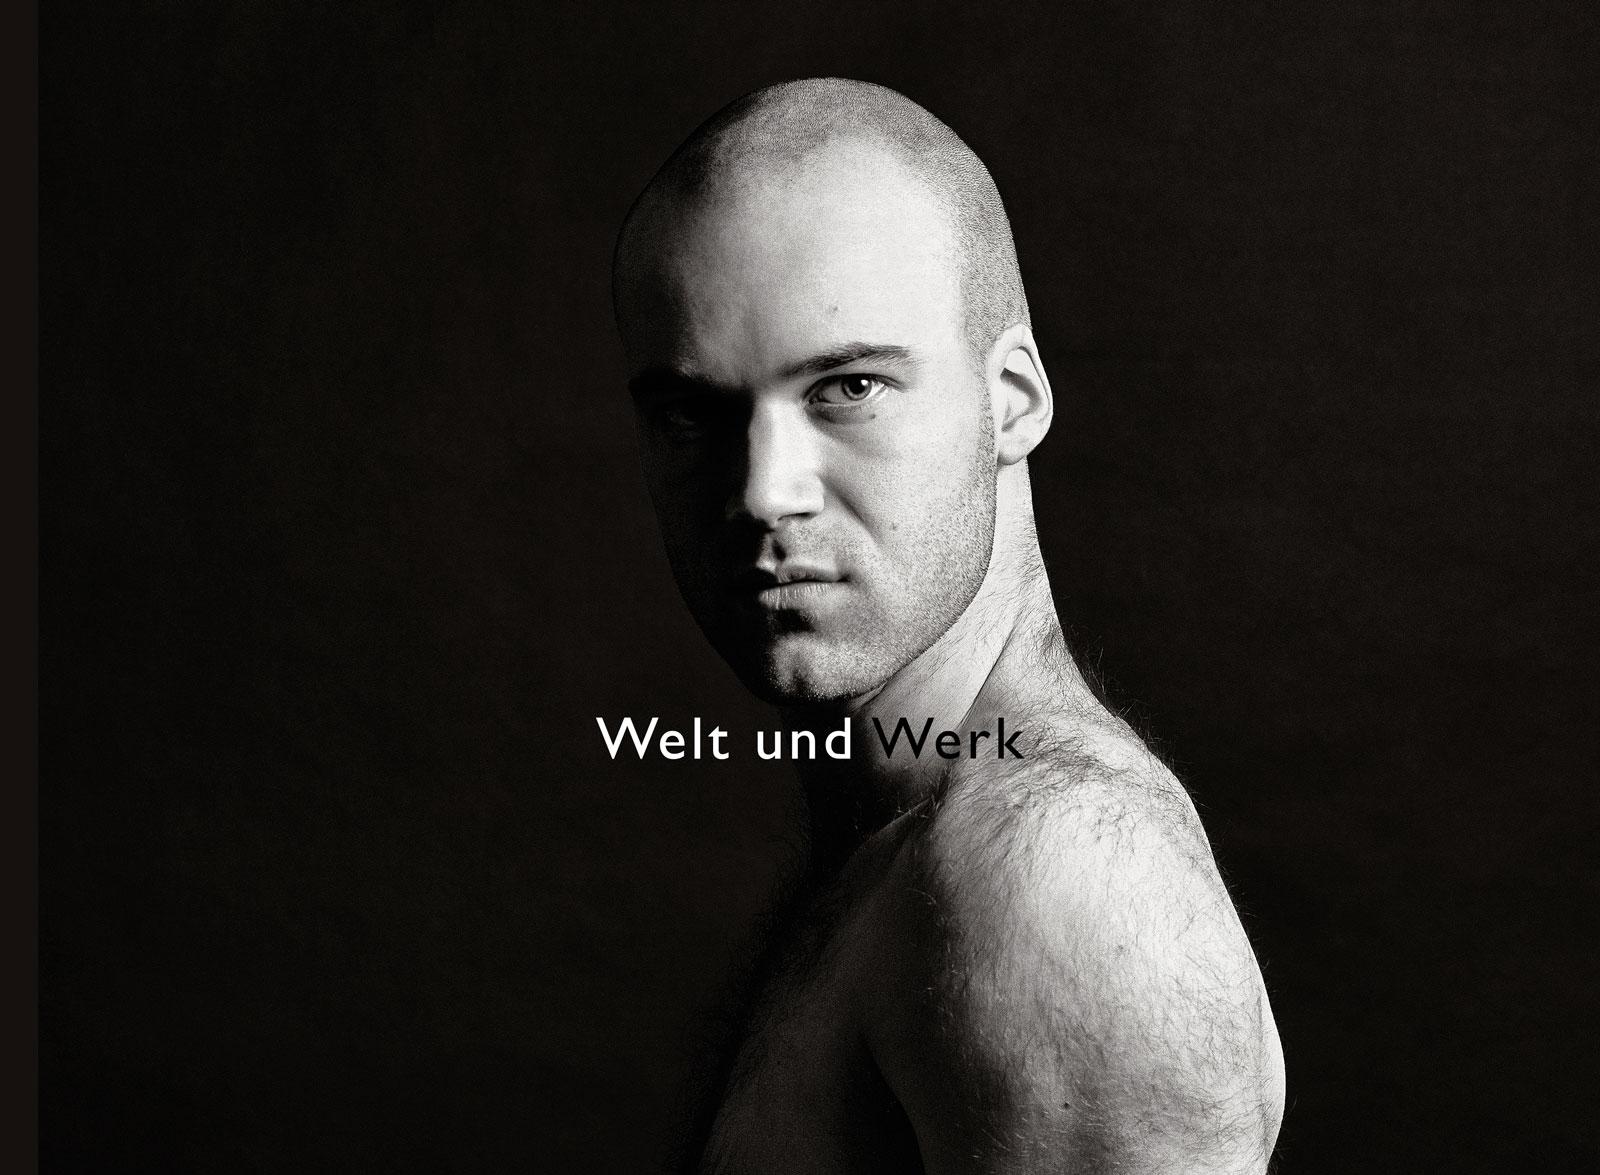 Dirk_Text_neu